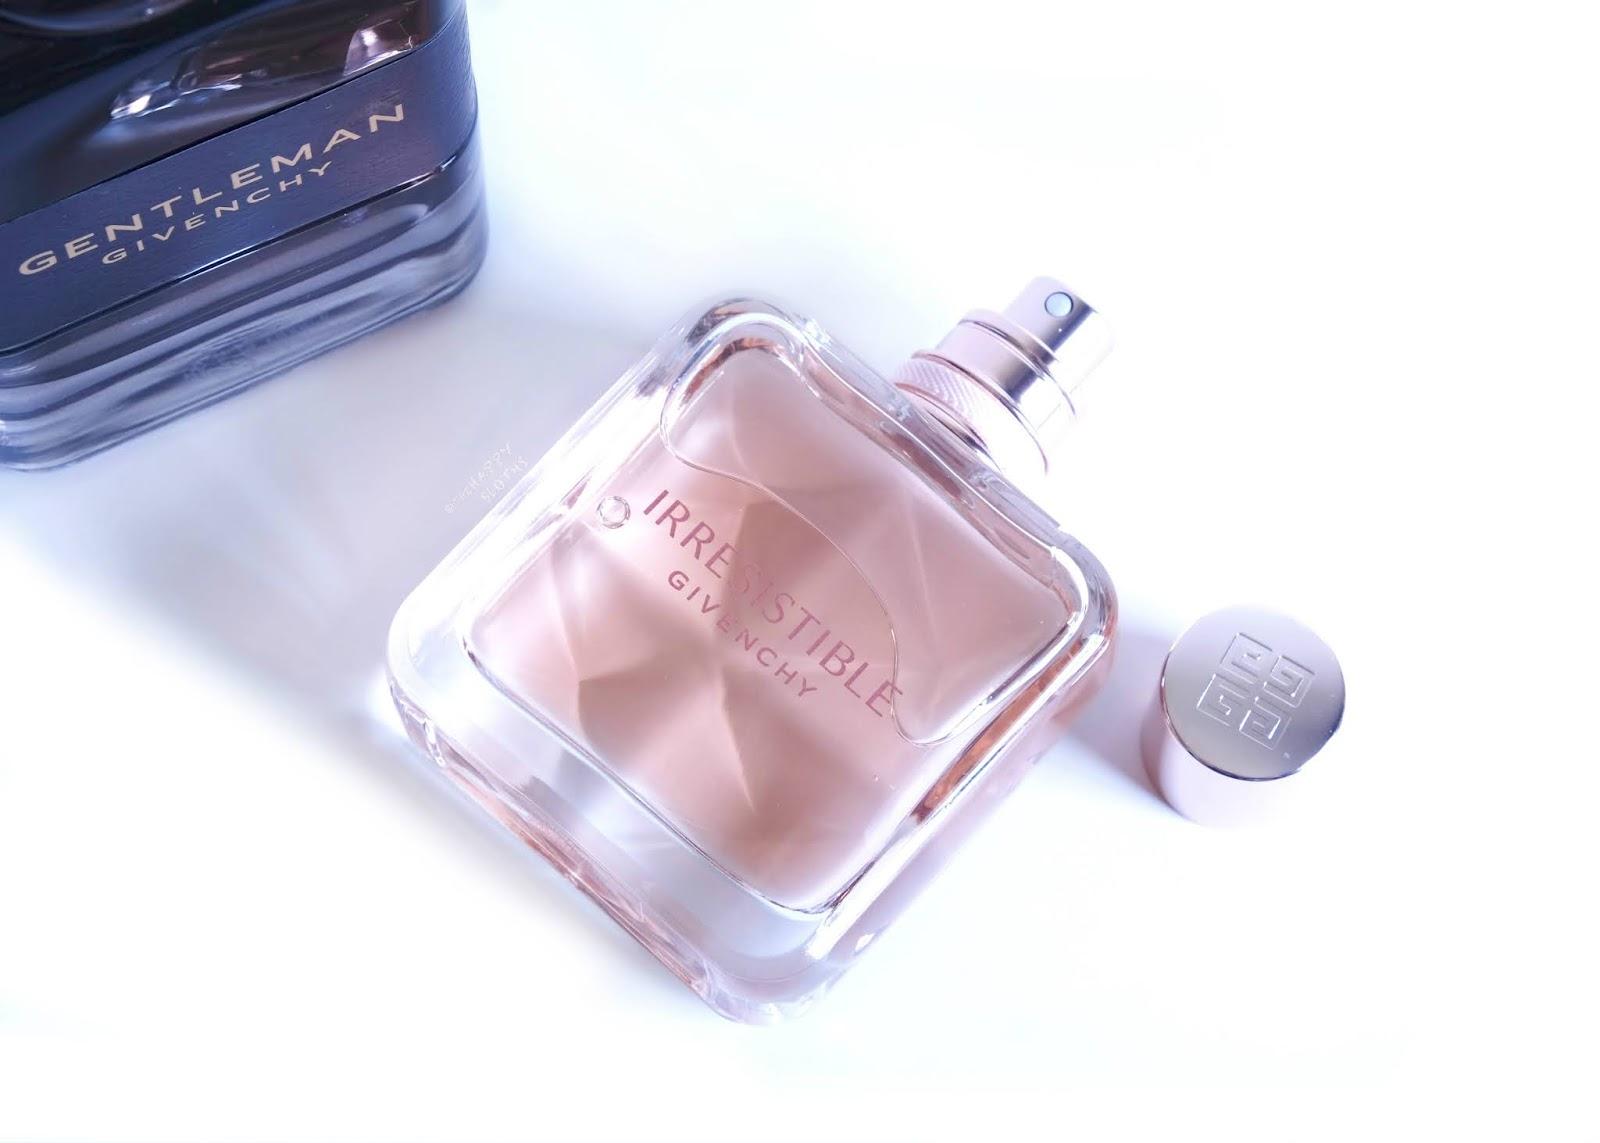 Givenchy | Irrésistible Eau de Parfum: Review